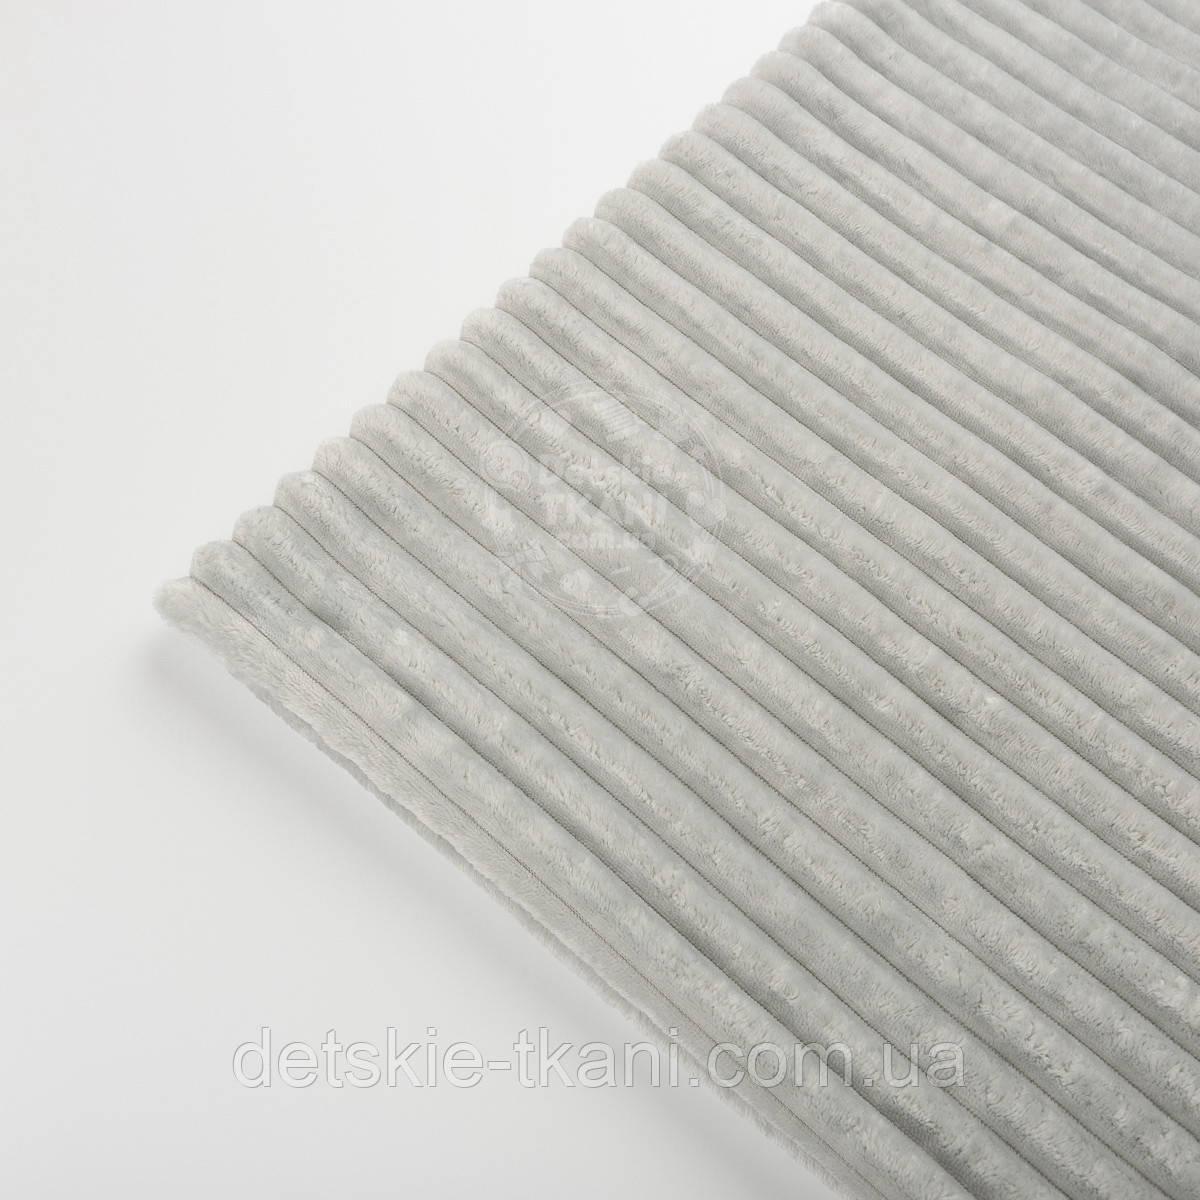 Лоскут плюша minky stripes светло-серого цвета, размер 78*100 см (есть загрязнение)